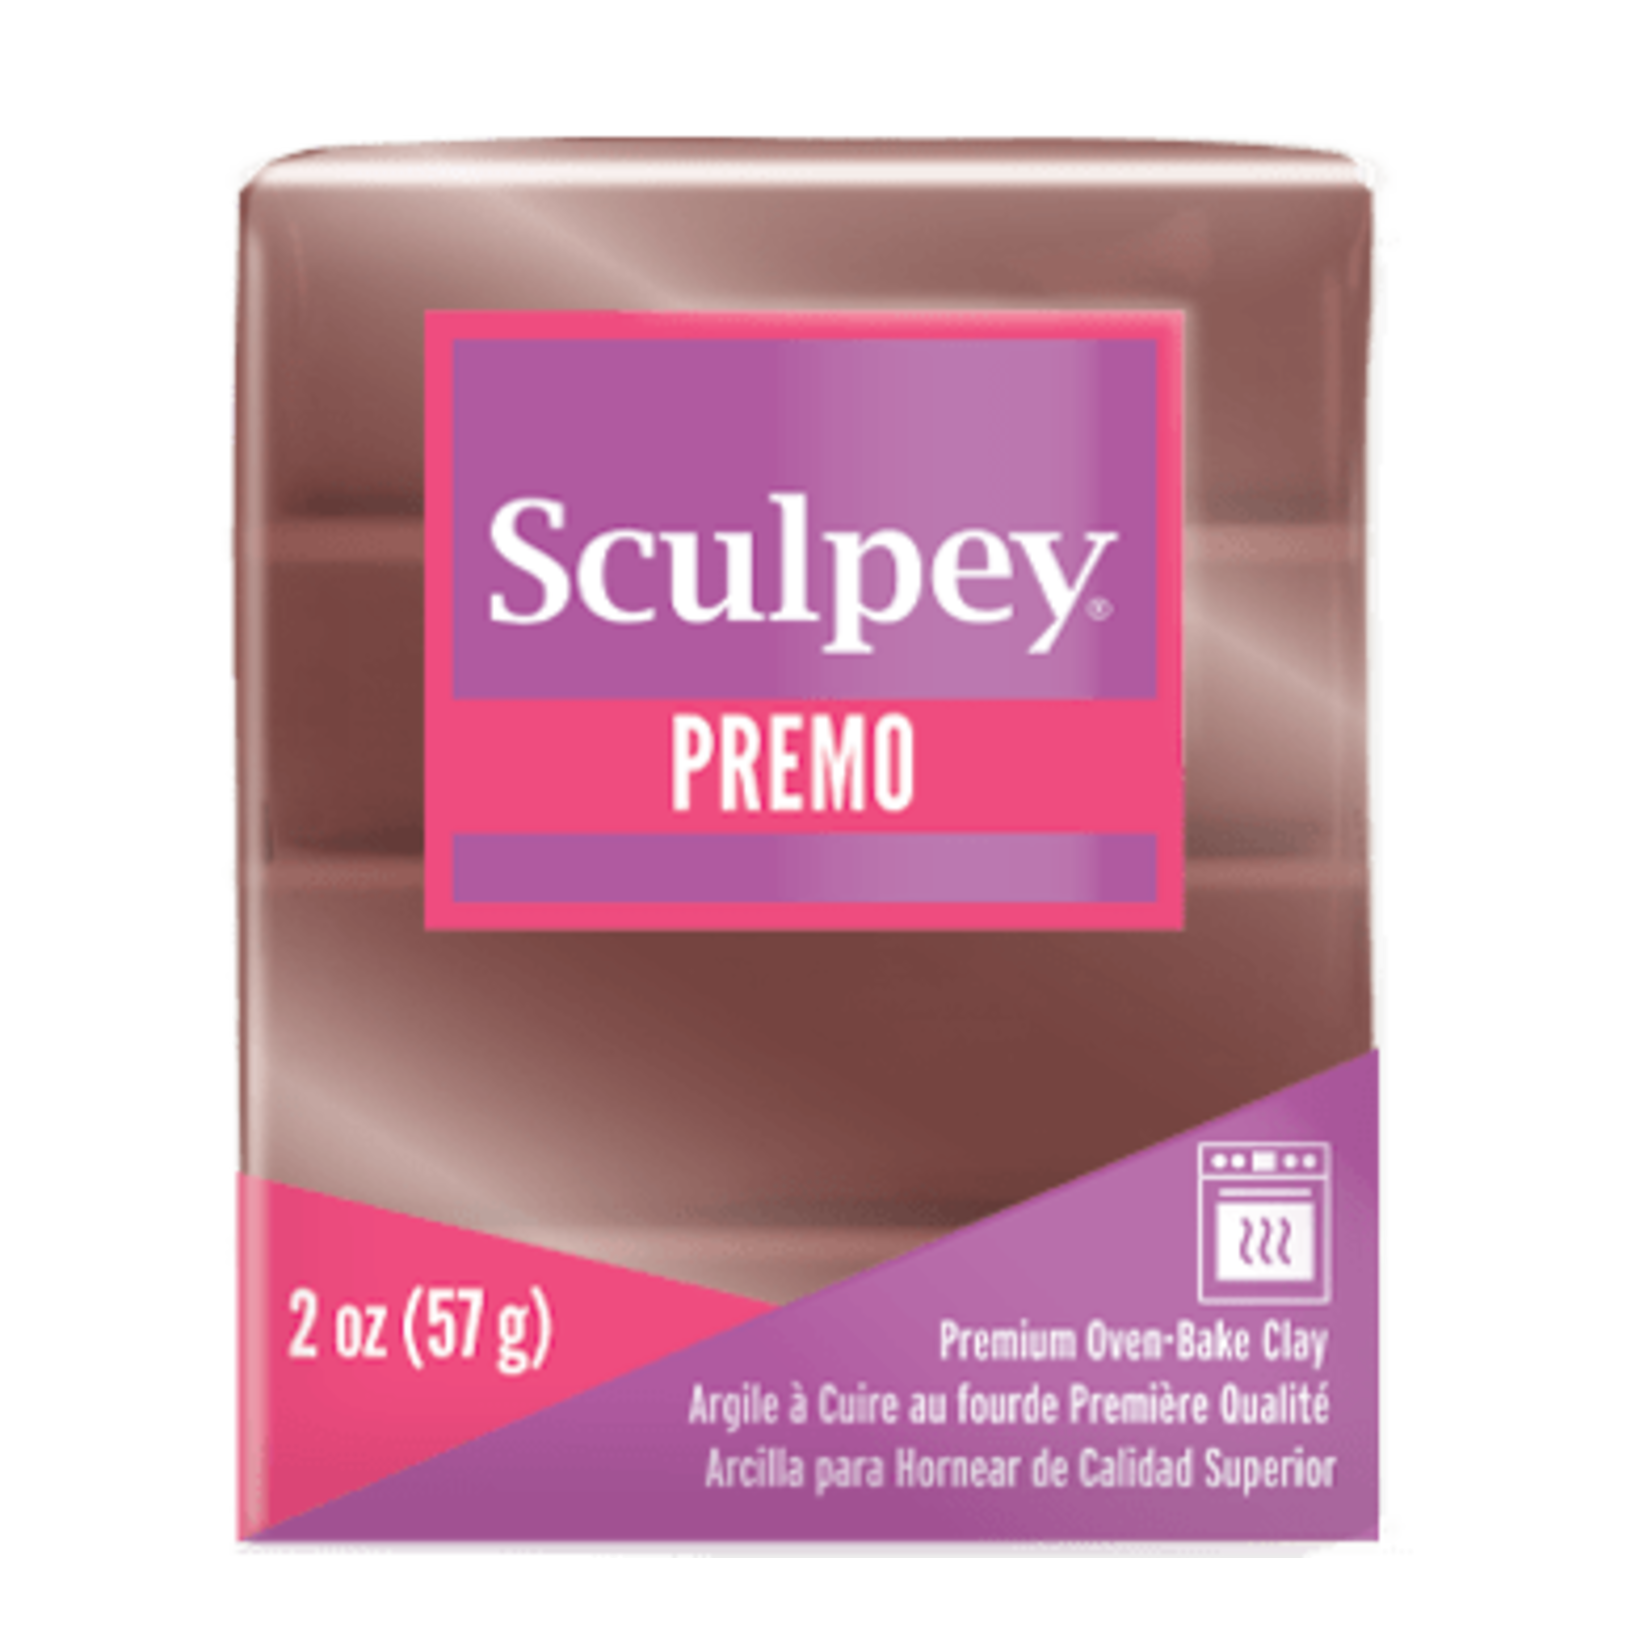 Sculpey Sculpey Premo   -- Bronze